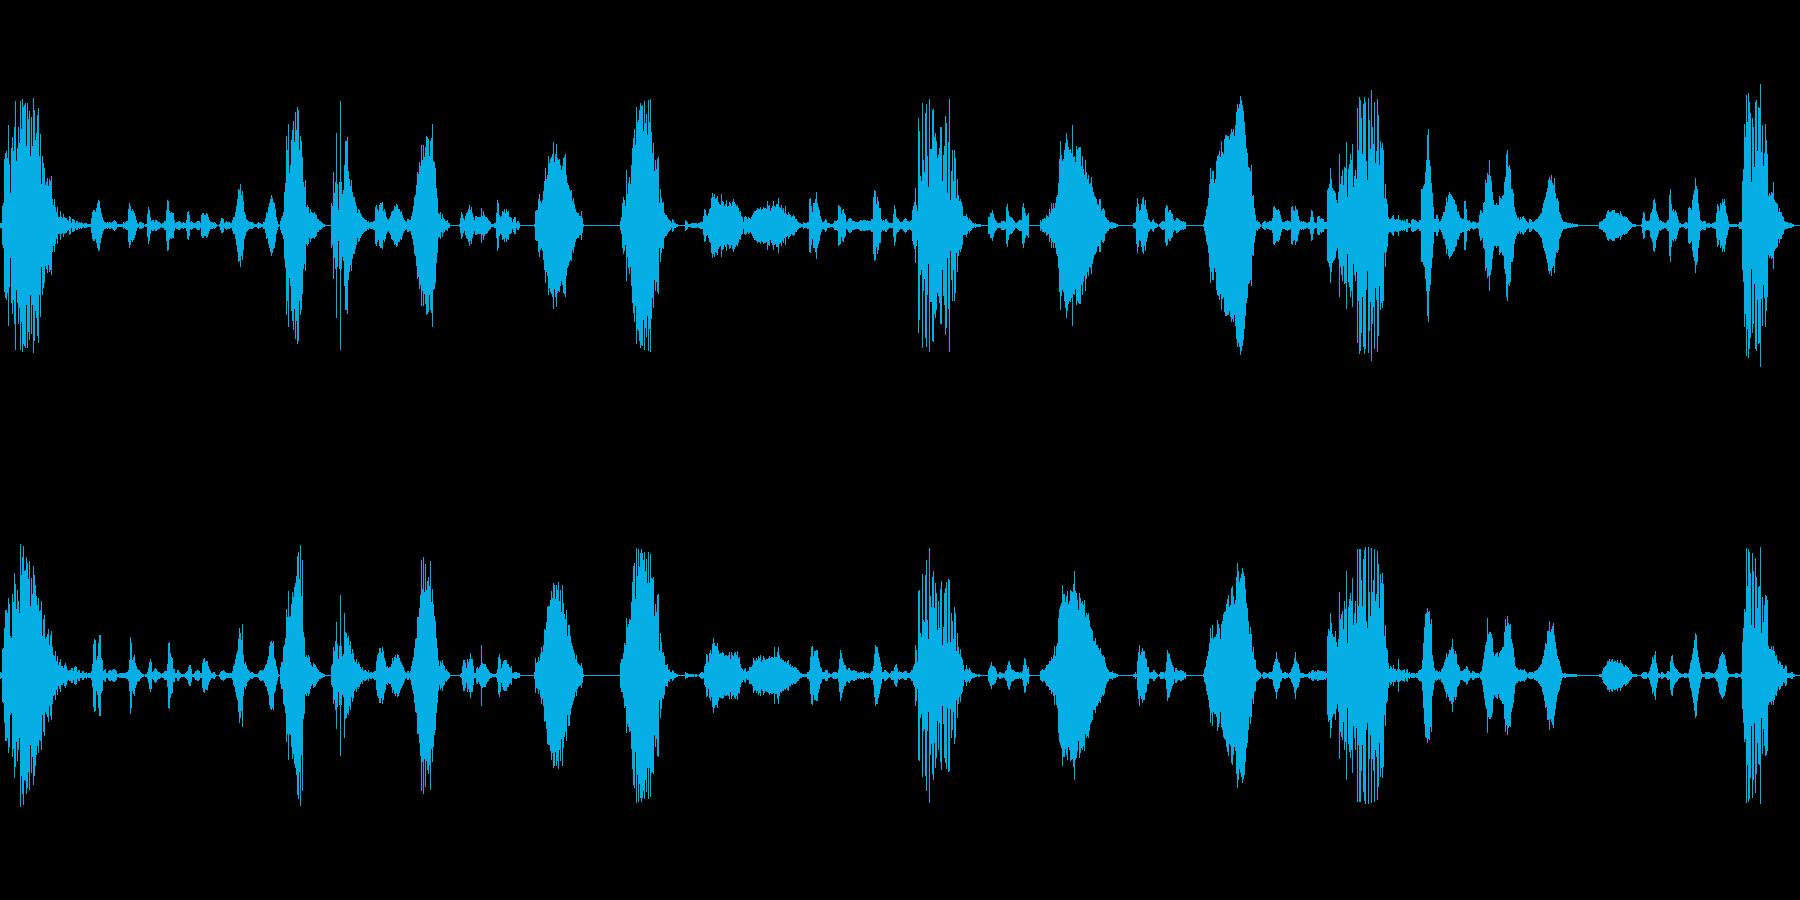 イノシシが鼻をフンフンの再生済みの波形